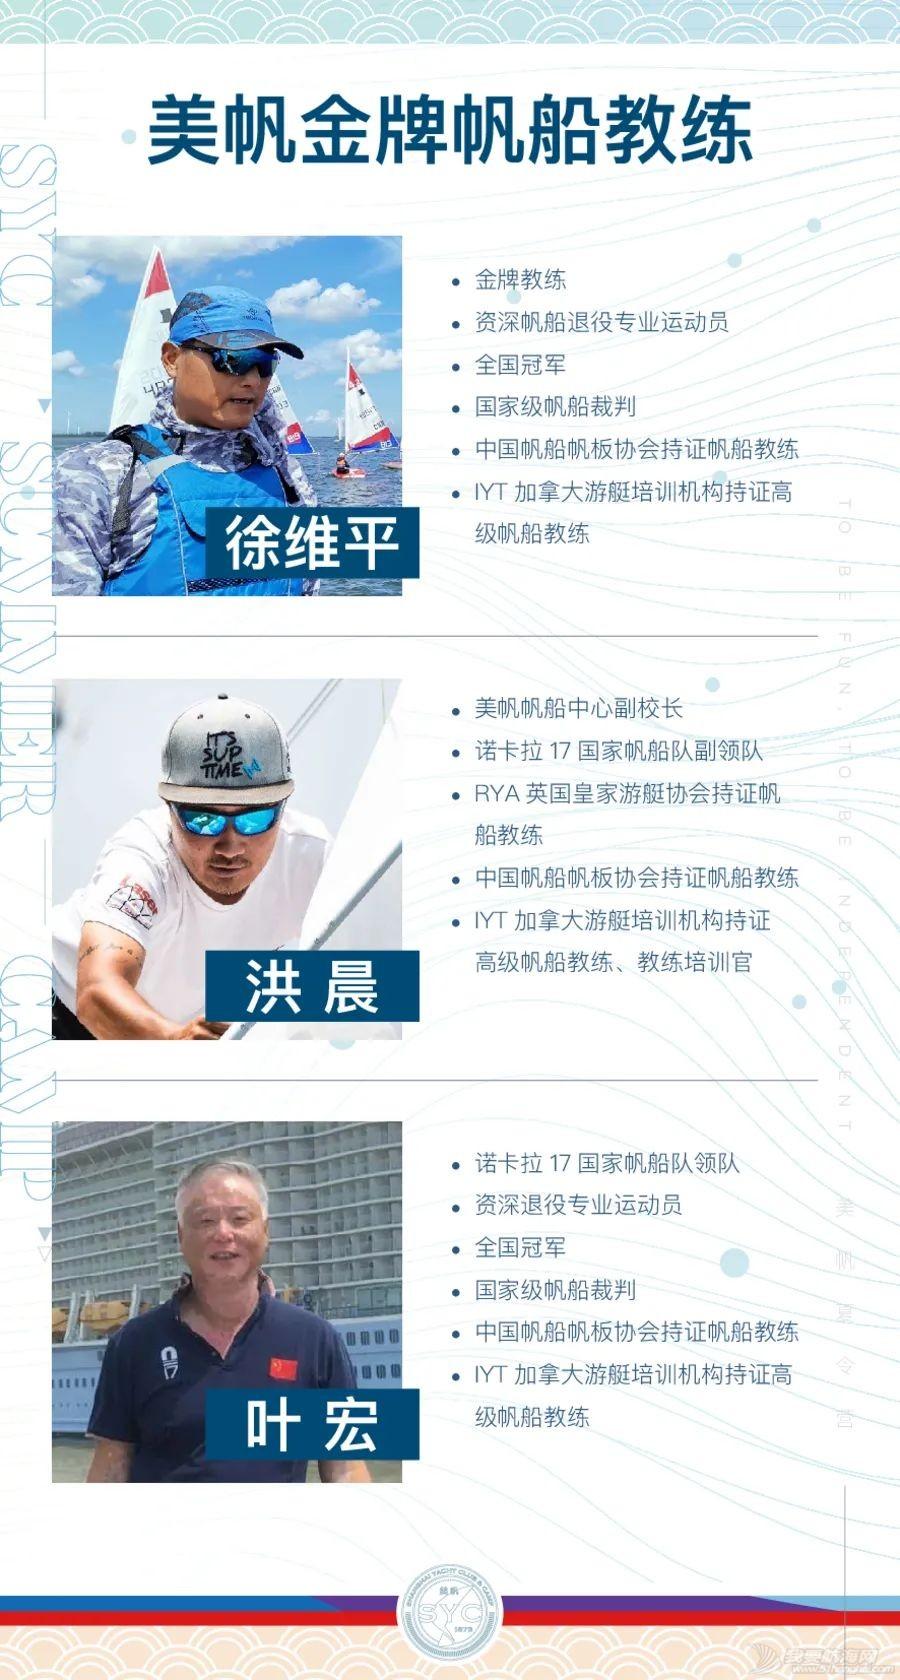 2021帆船夏令营之华东篇|中帆协小帆船认证培训中心营业啦③w24.jpg